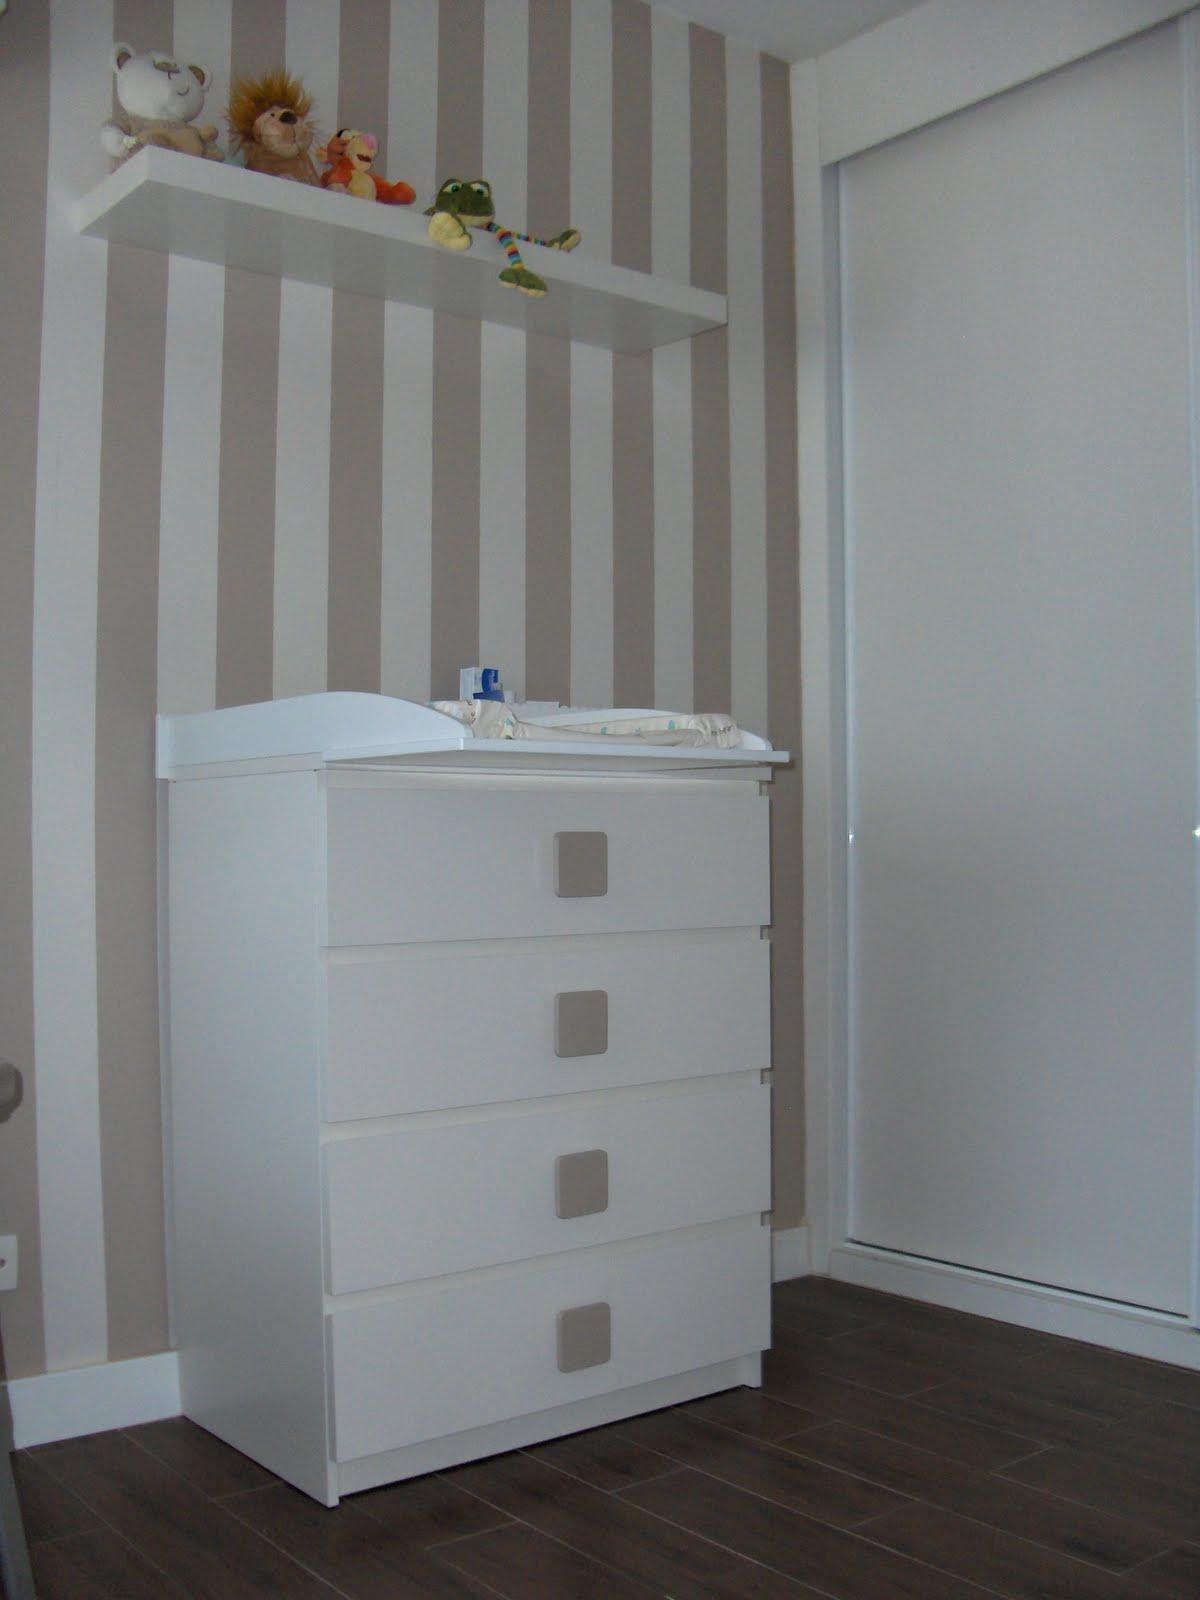 El taller de flory pondy cambiador para beb - Comoda cambiador bebe ...